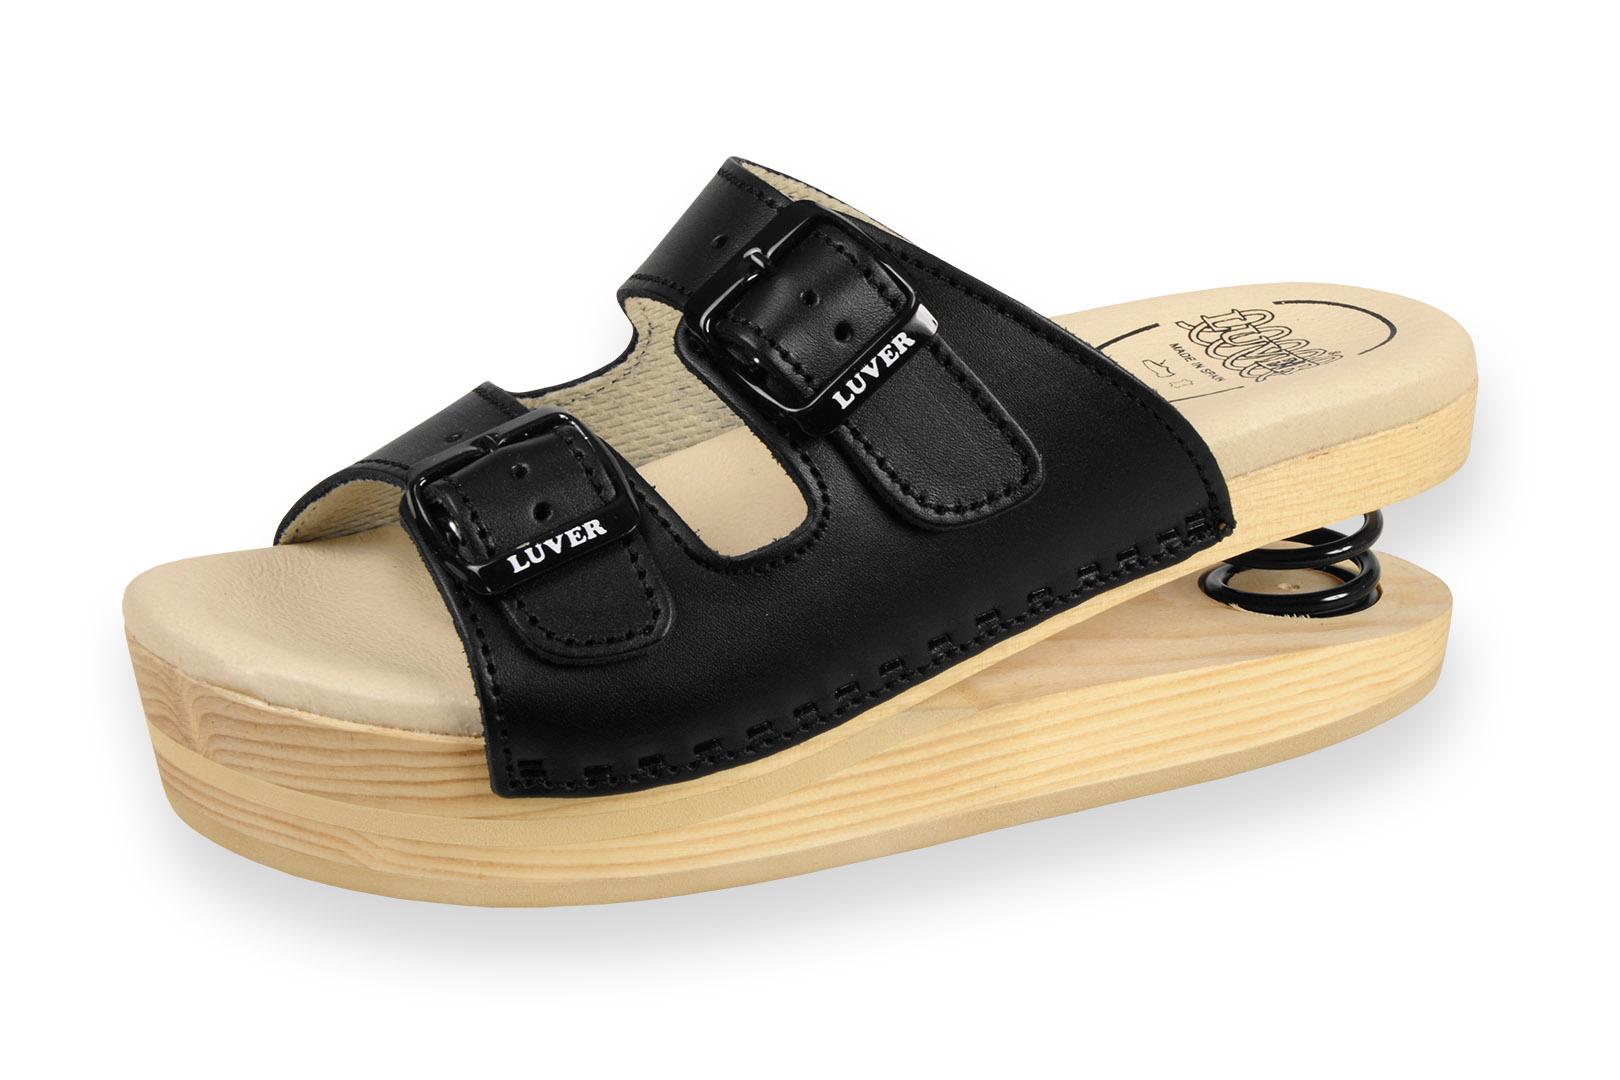 Zdravotní pantofle dámské Primavera Luver černá - Kliknutím zobrazíte  detail obrázku. 4a295b48a8